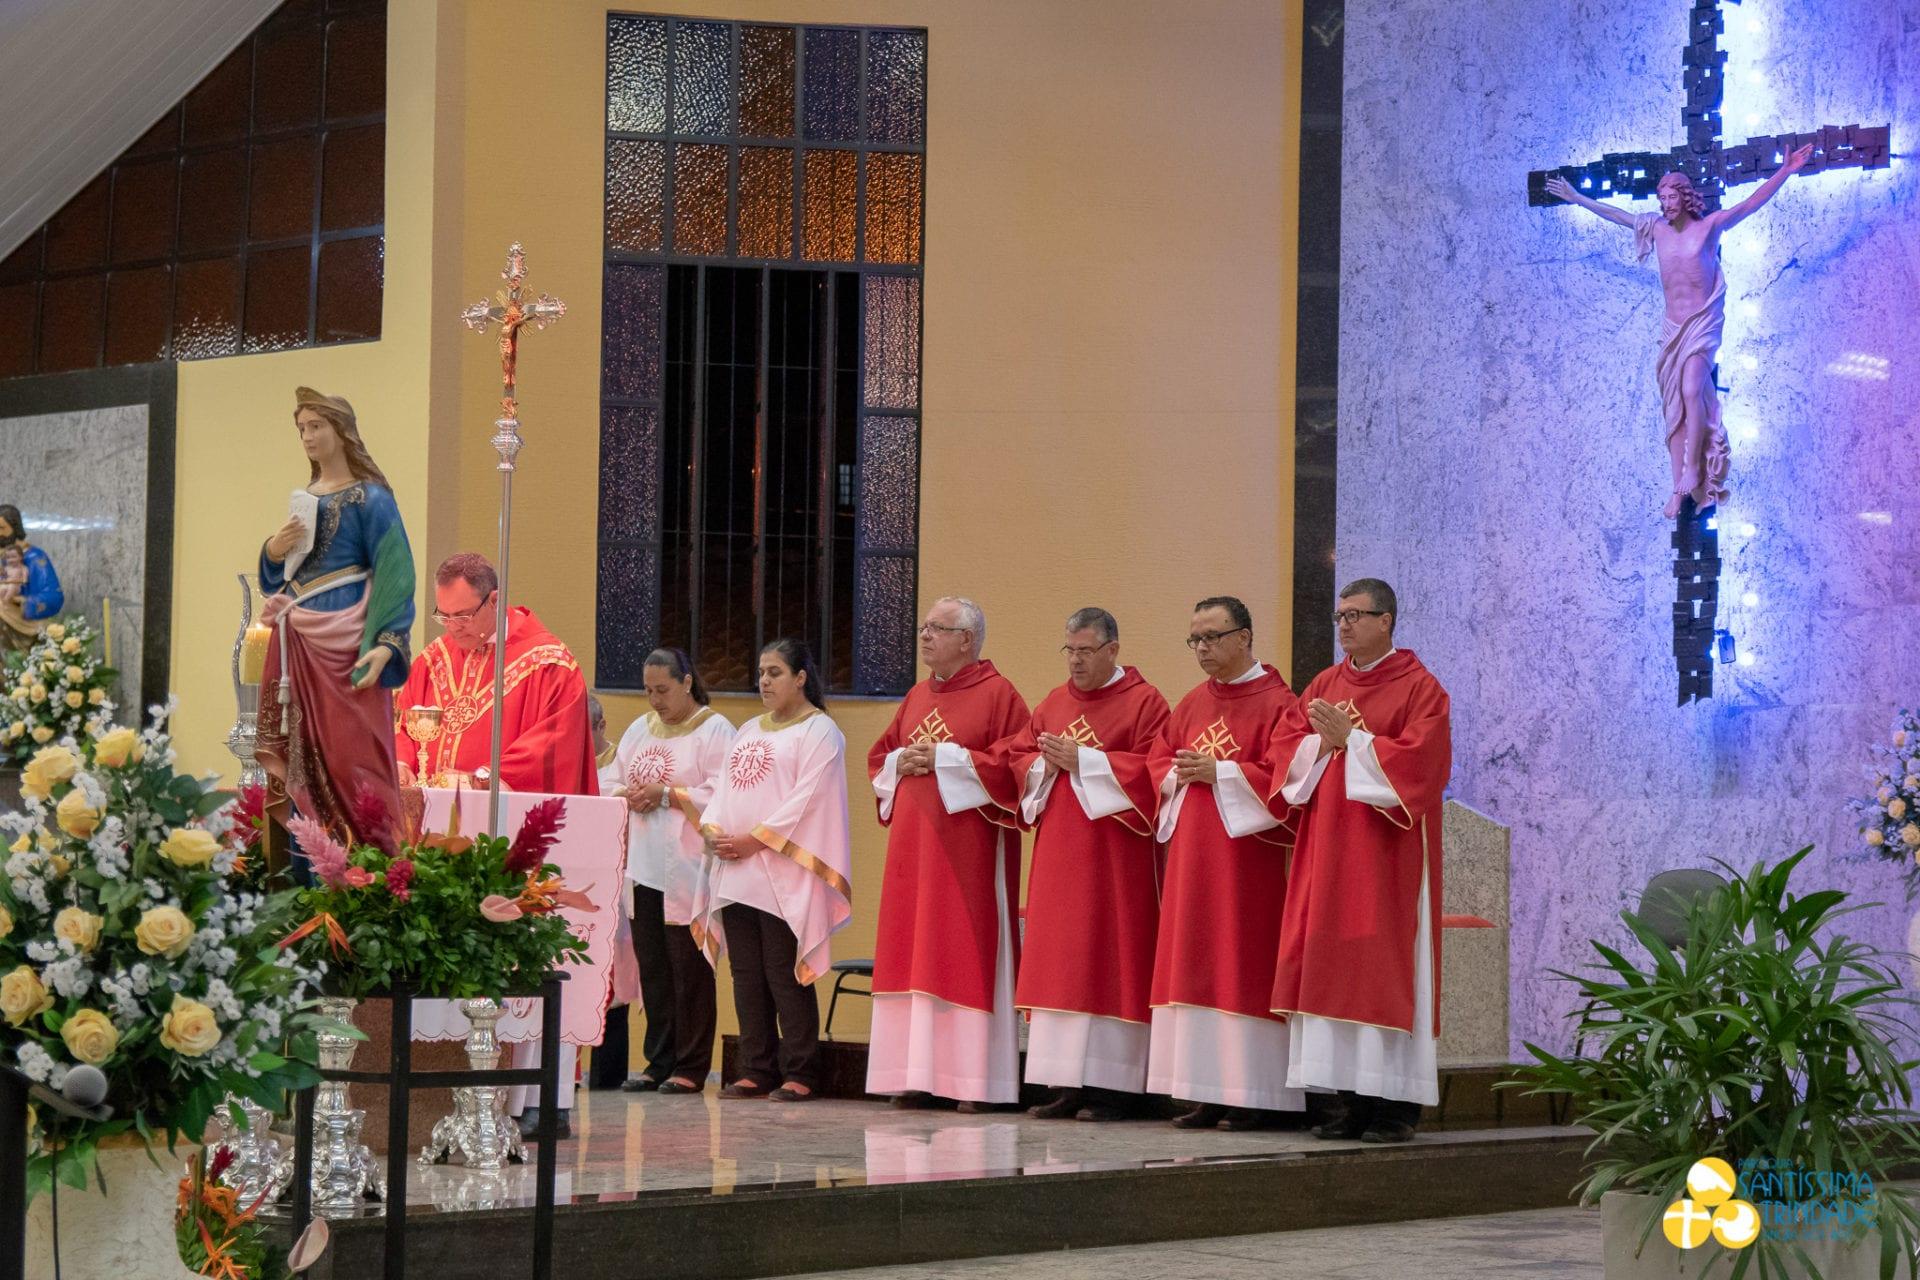 Missa de Santa Cecília – 27Nov2018 – Village